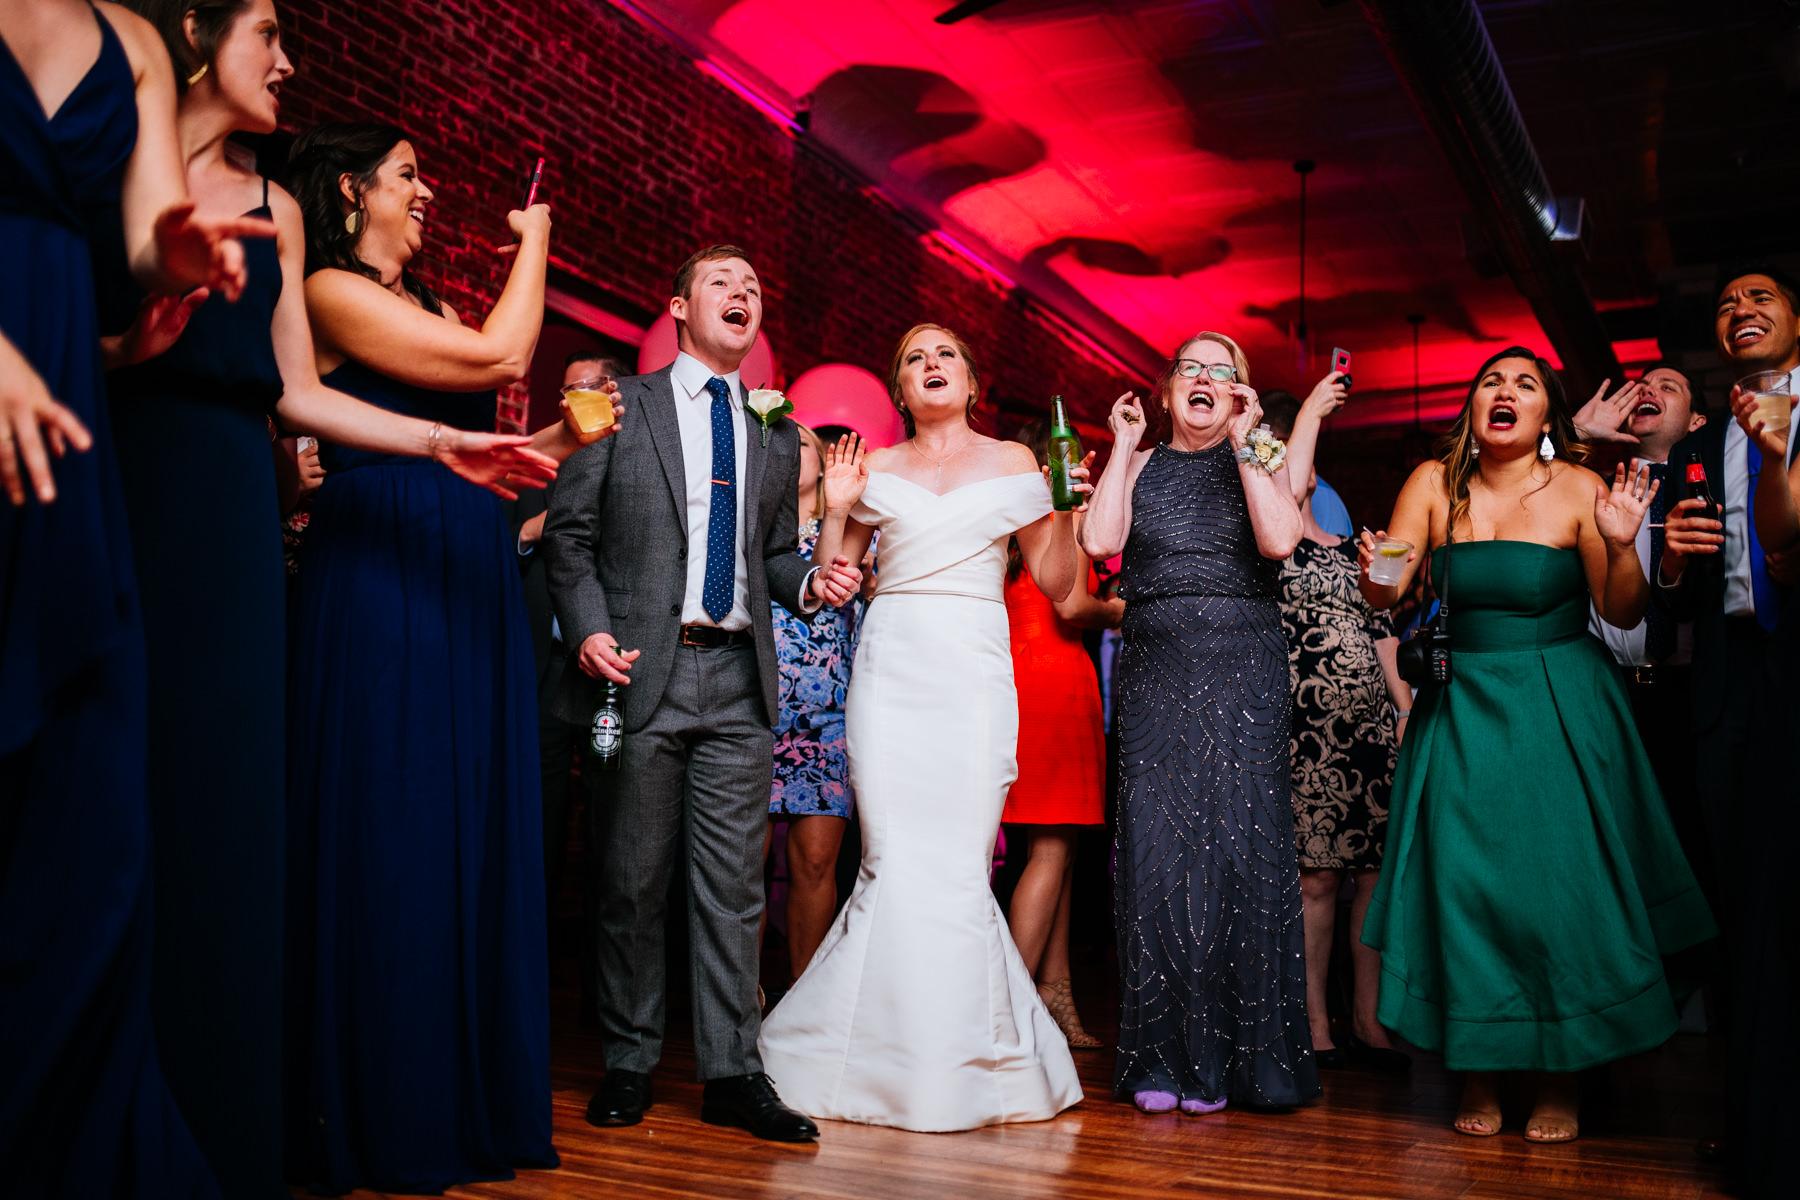 hale street center wedding reception